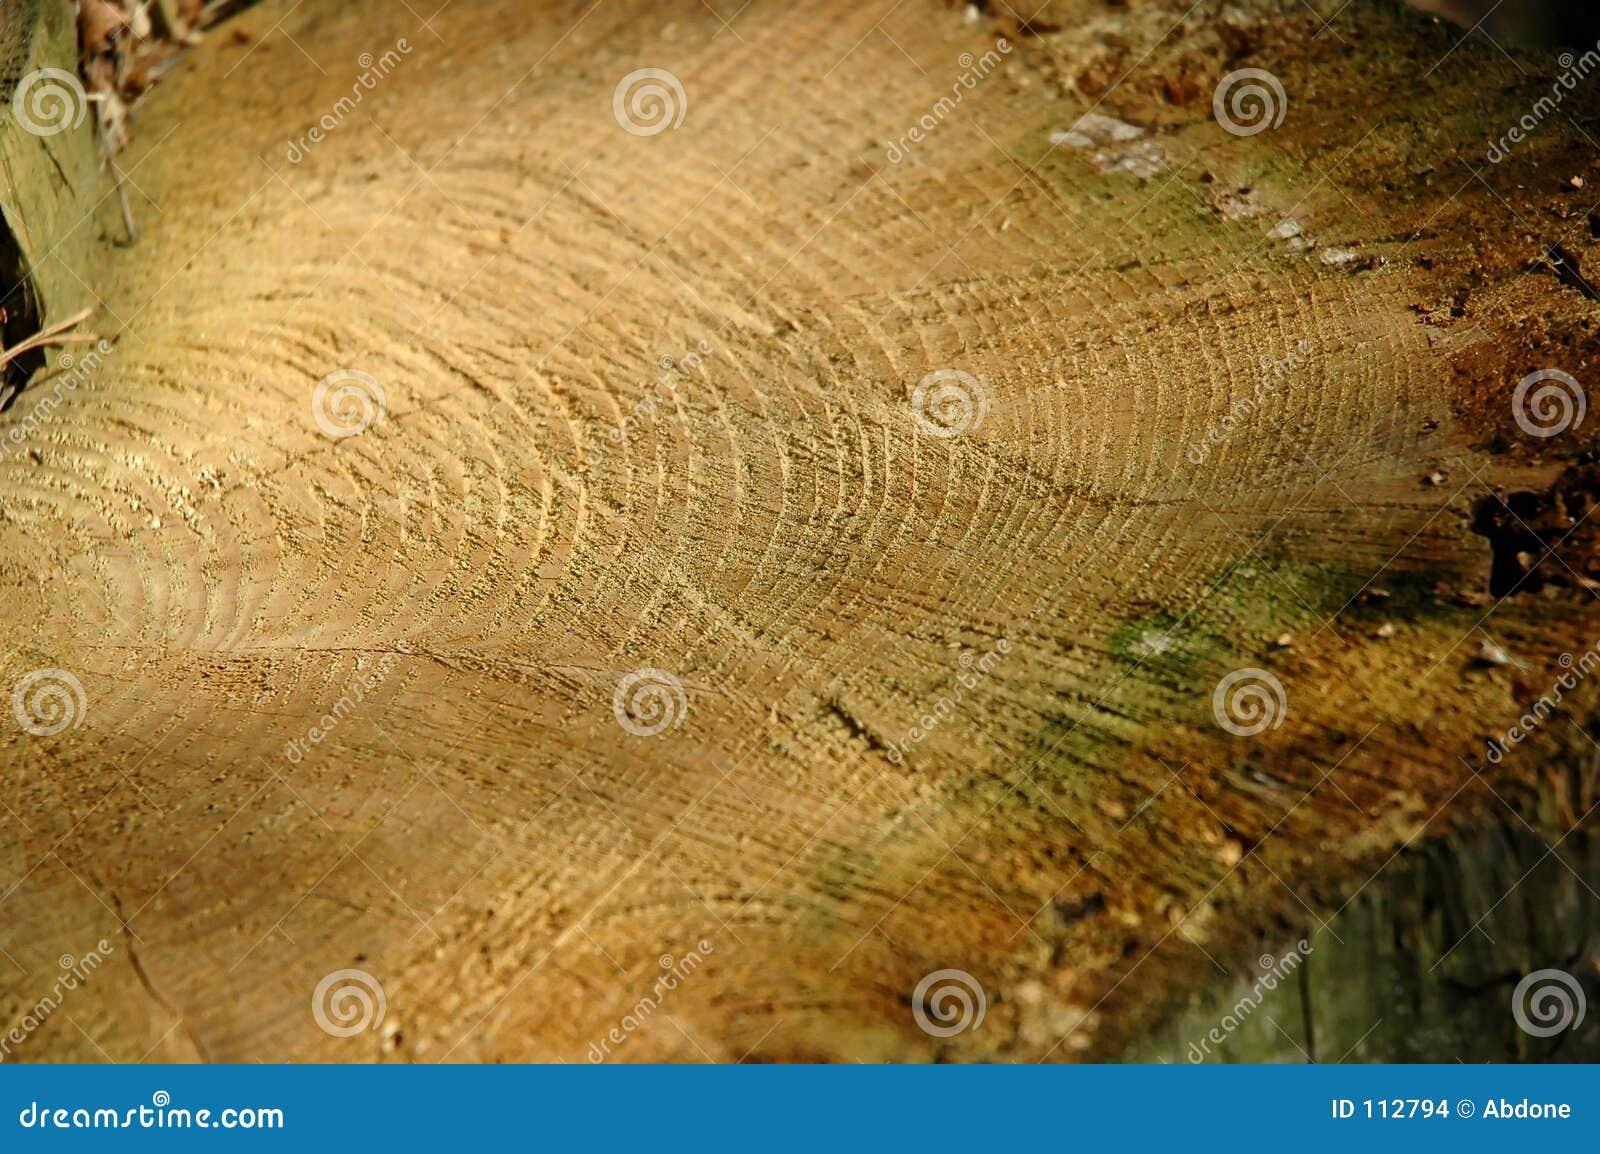 Nahaufnahme eines gefällten Baums